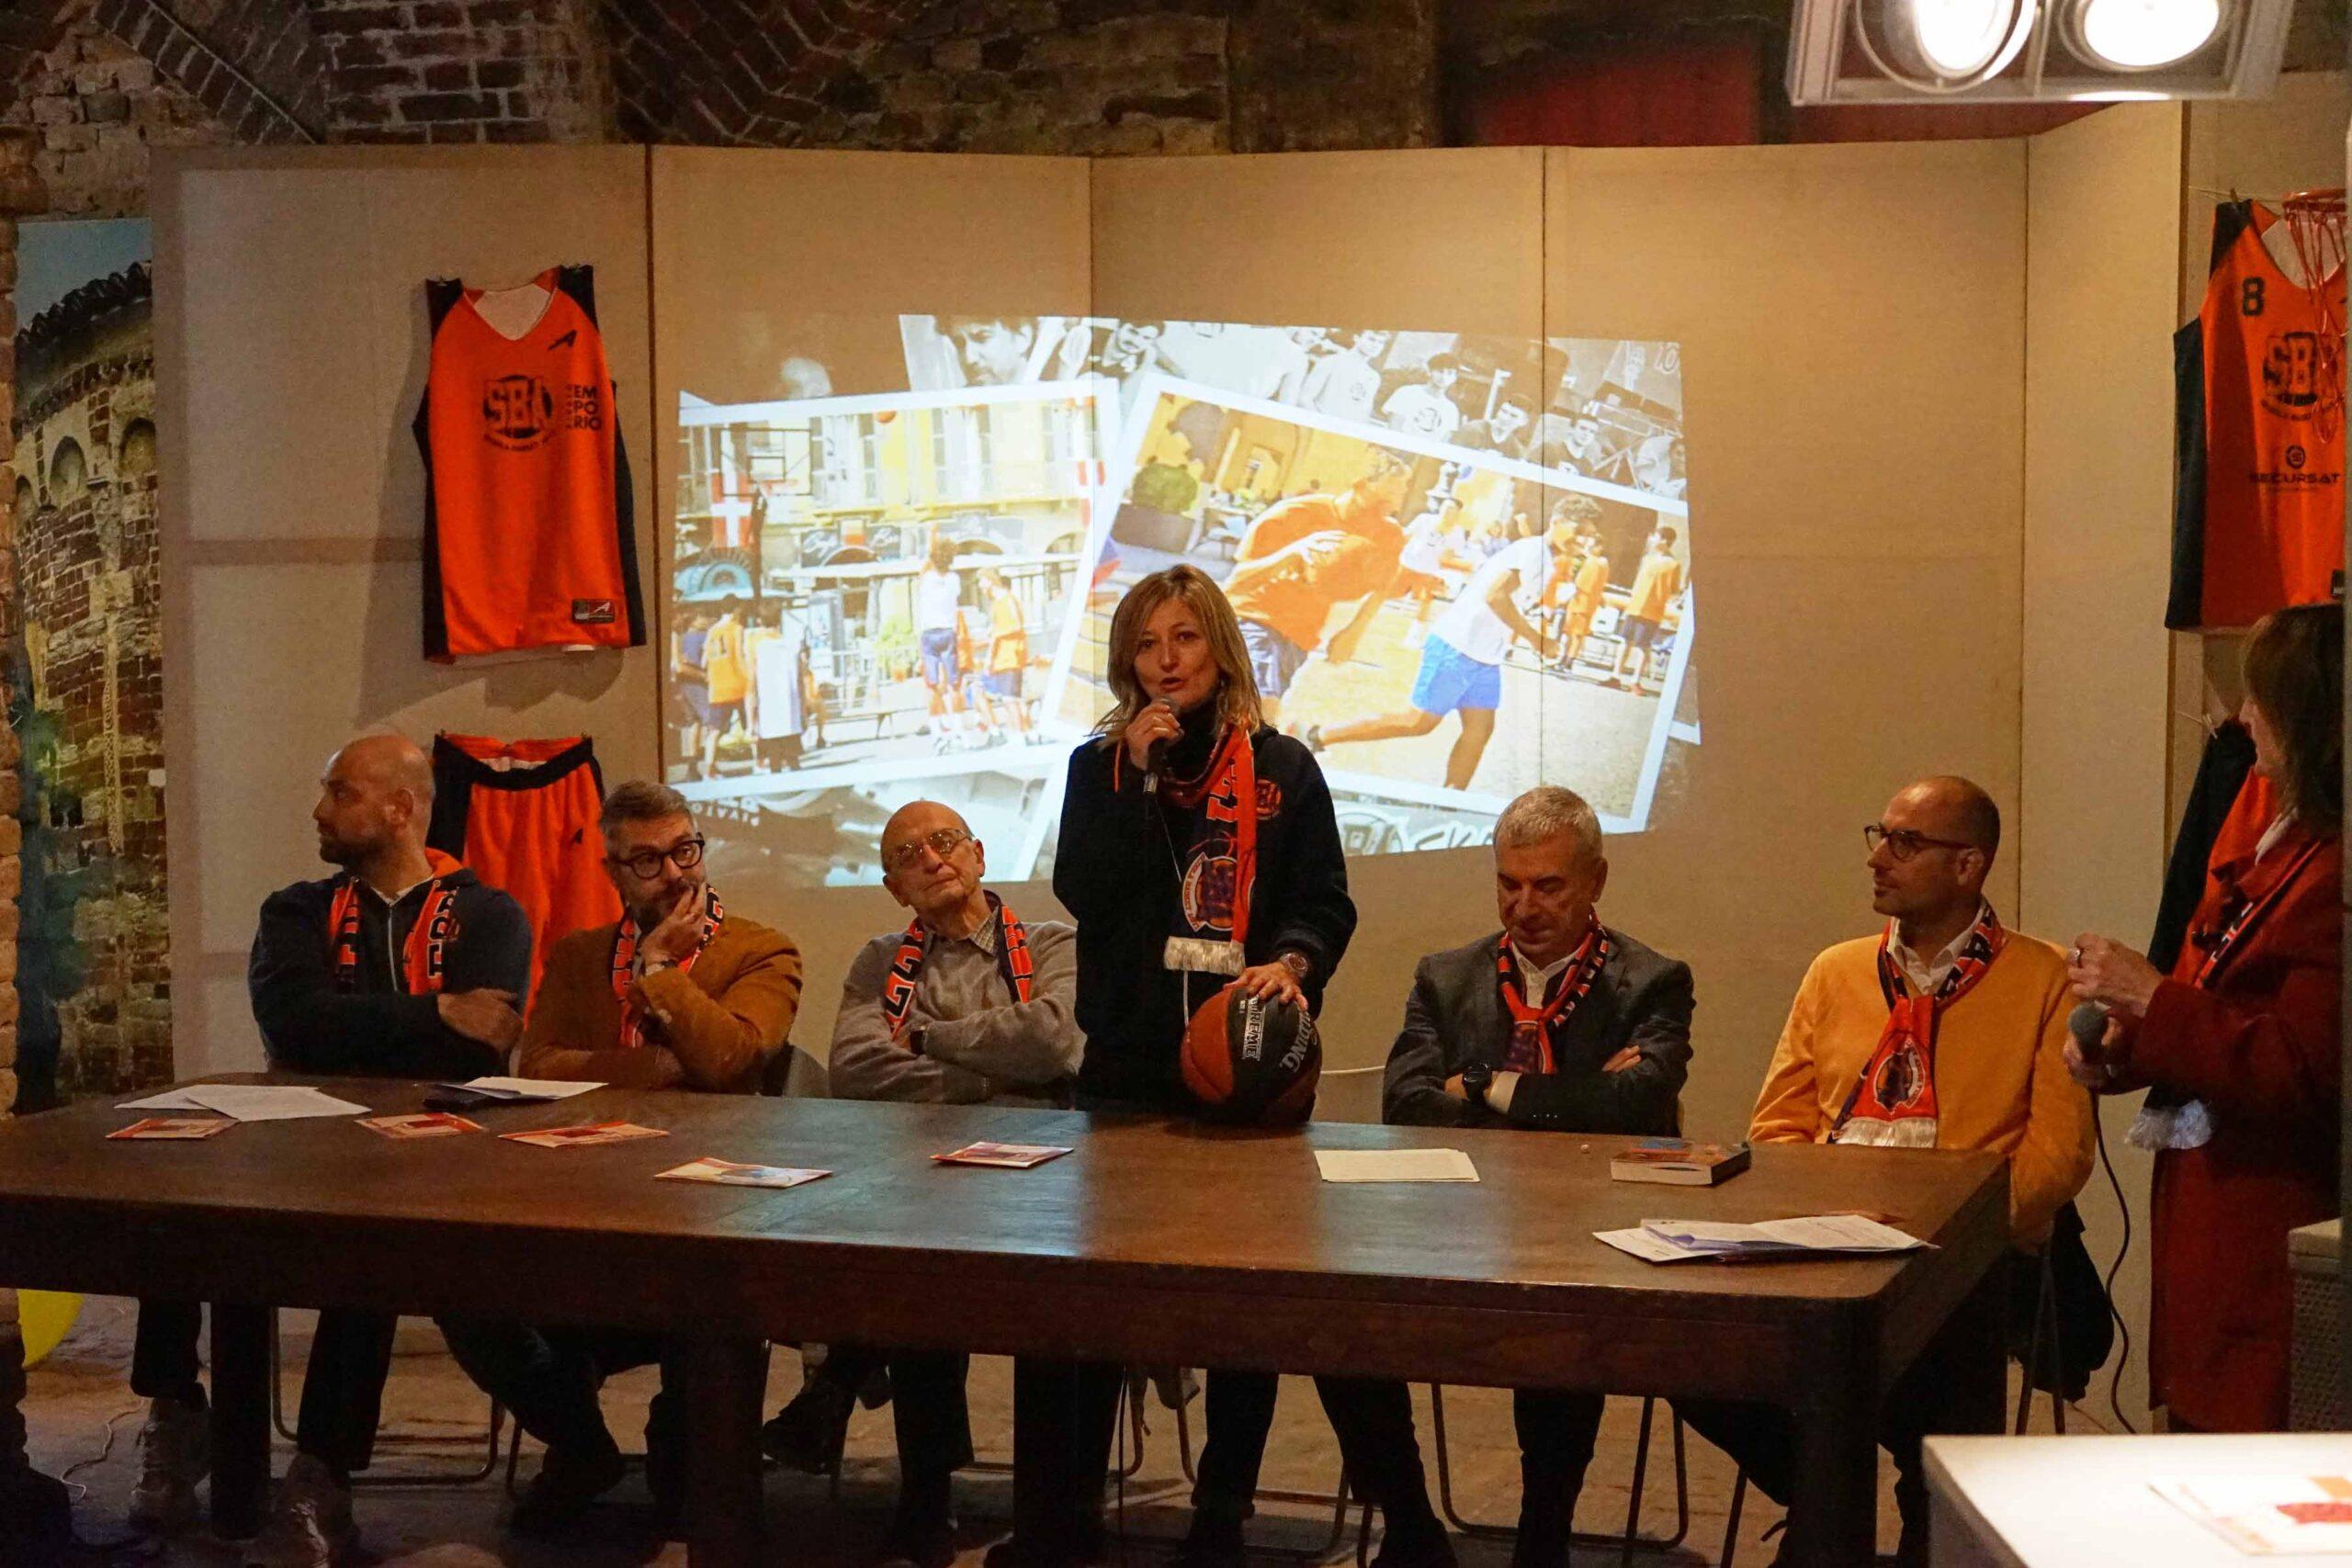 Conferenza SBA storia del basket 12